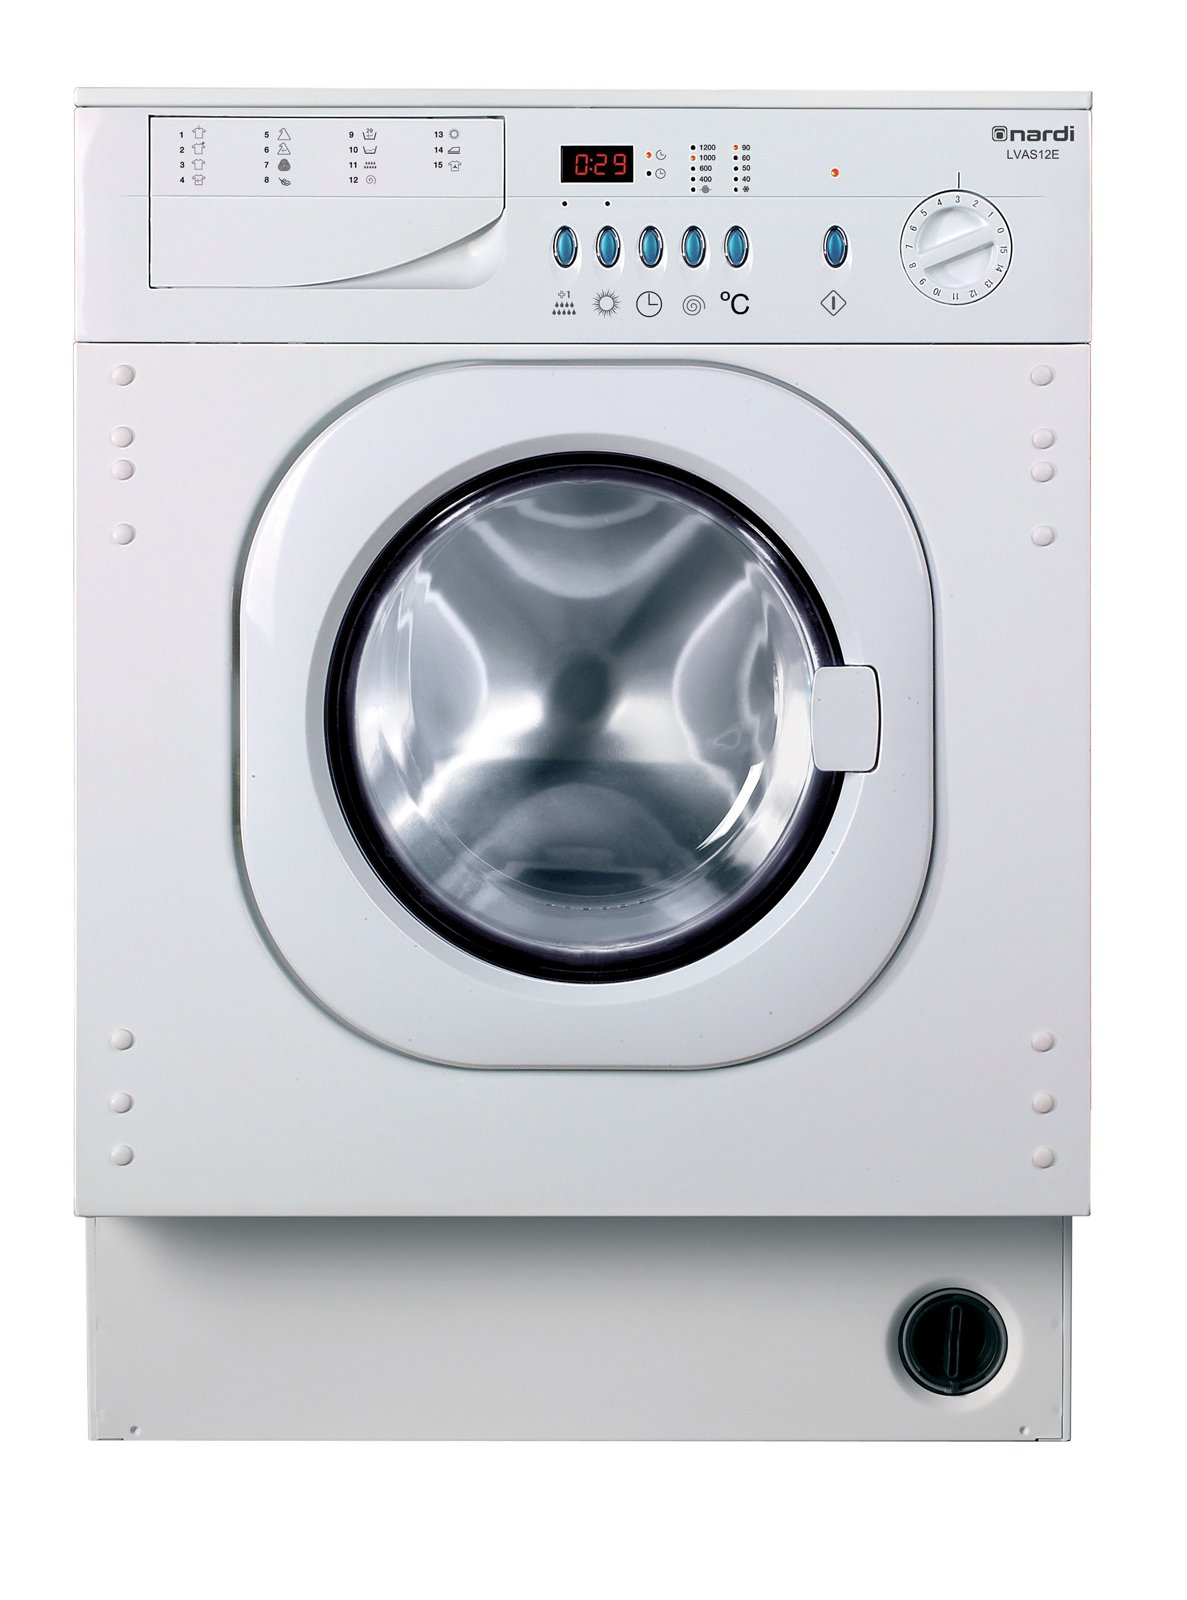 Lavatrici il modello giusto per ogni esigenza cose di casa for Lavatrice doppio cestello